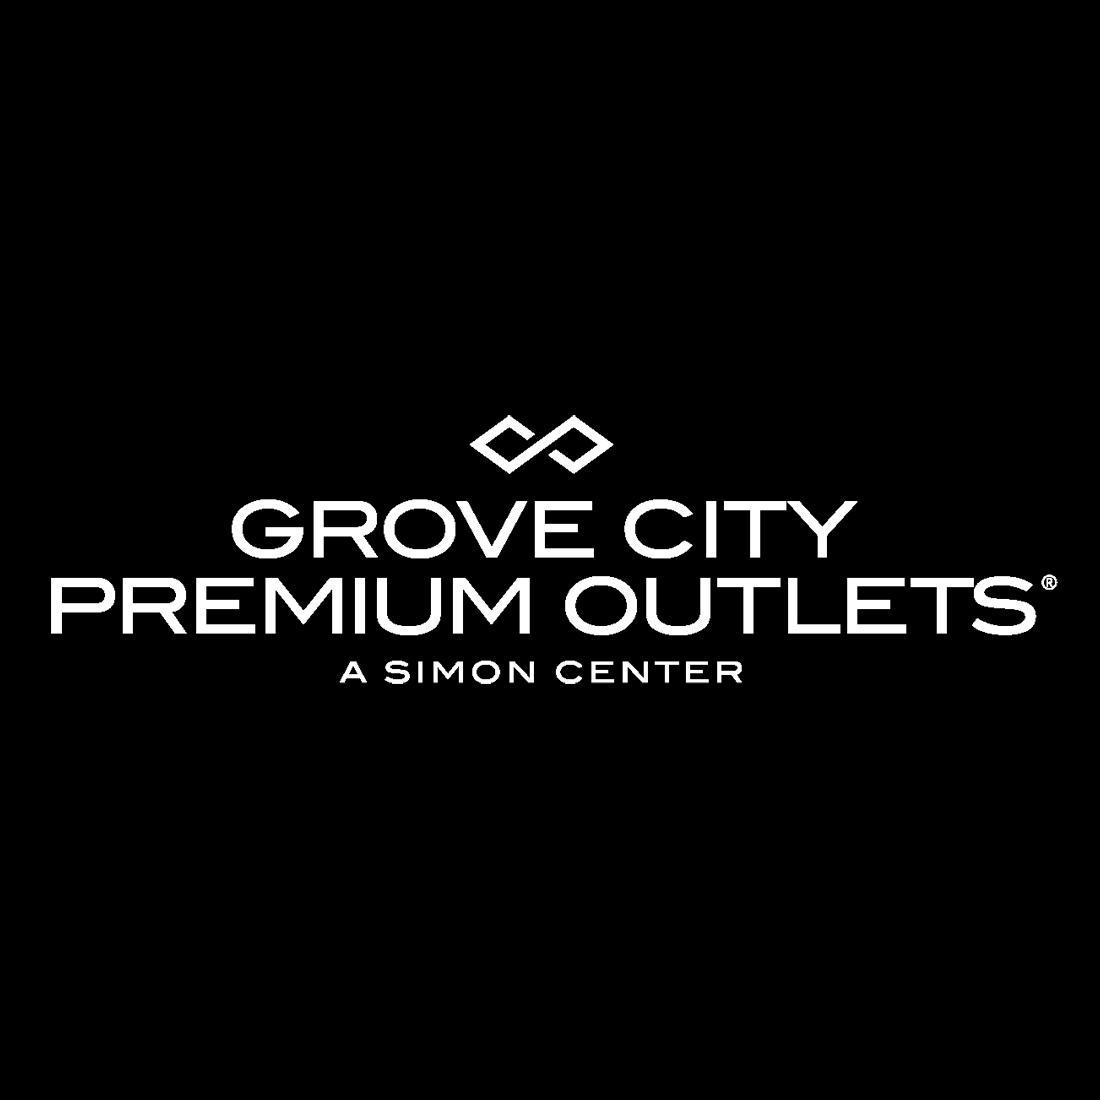 Grove City Premium Outlets - Grove City, PA 16127 - (724)748-4770 | ShowMeLocal.com